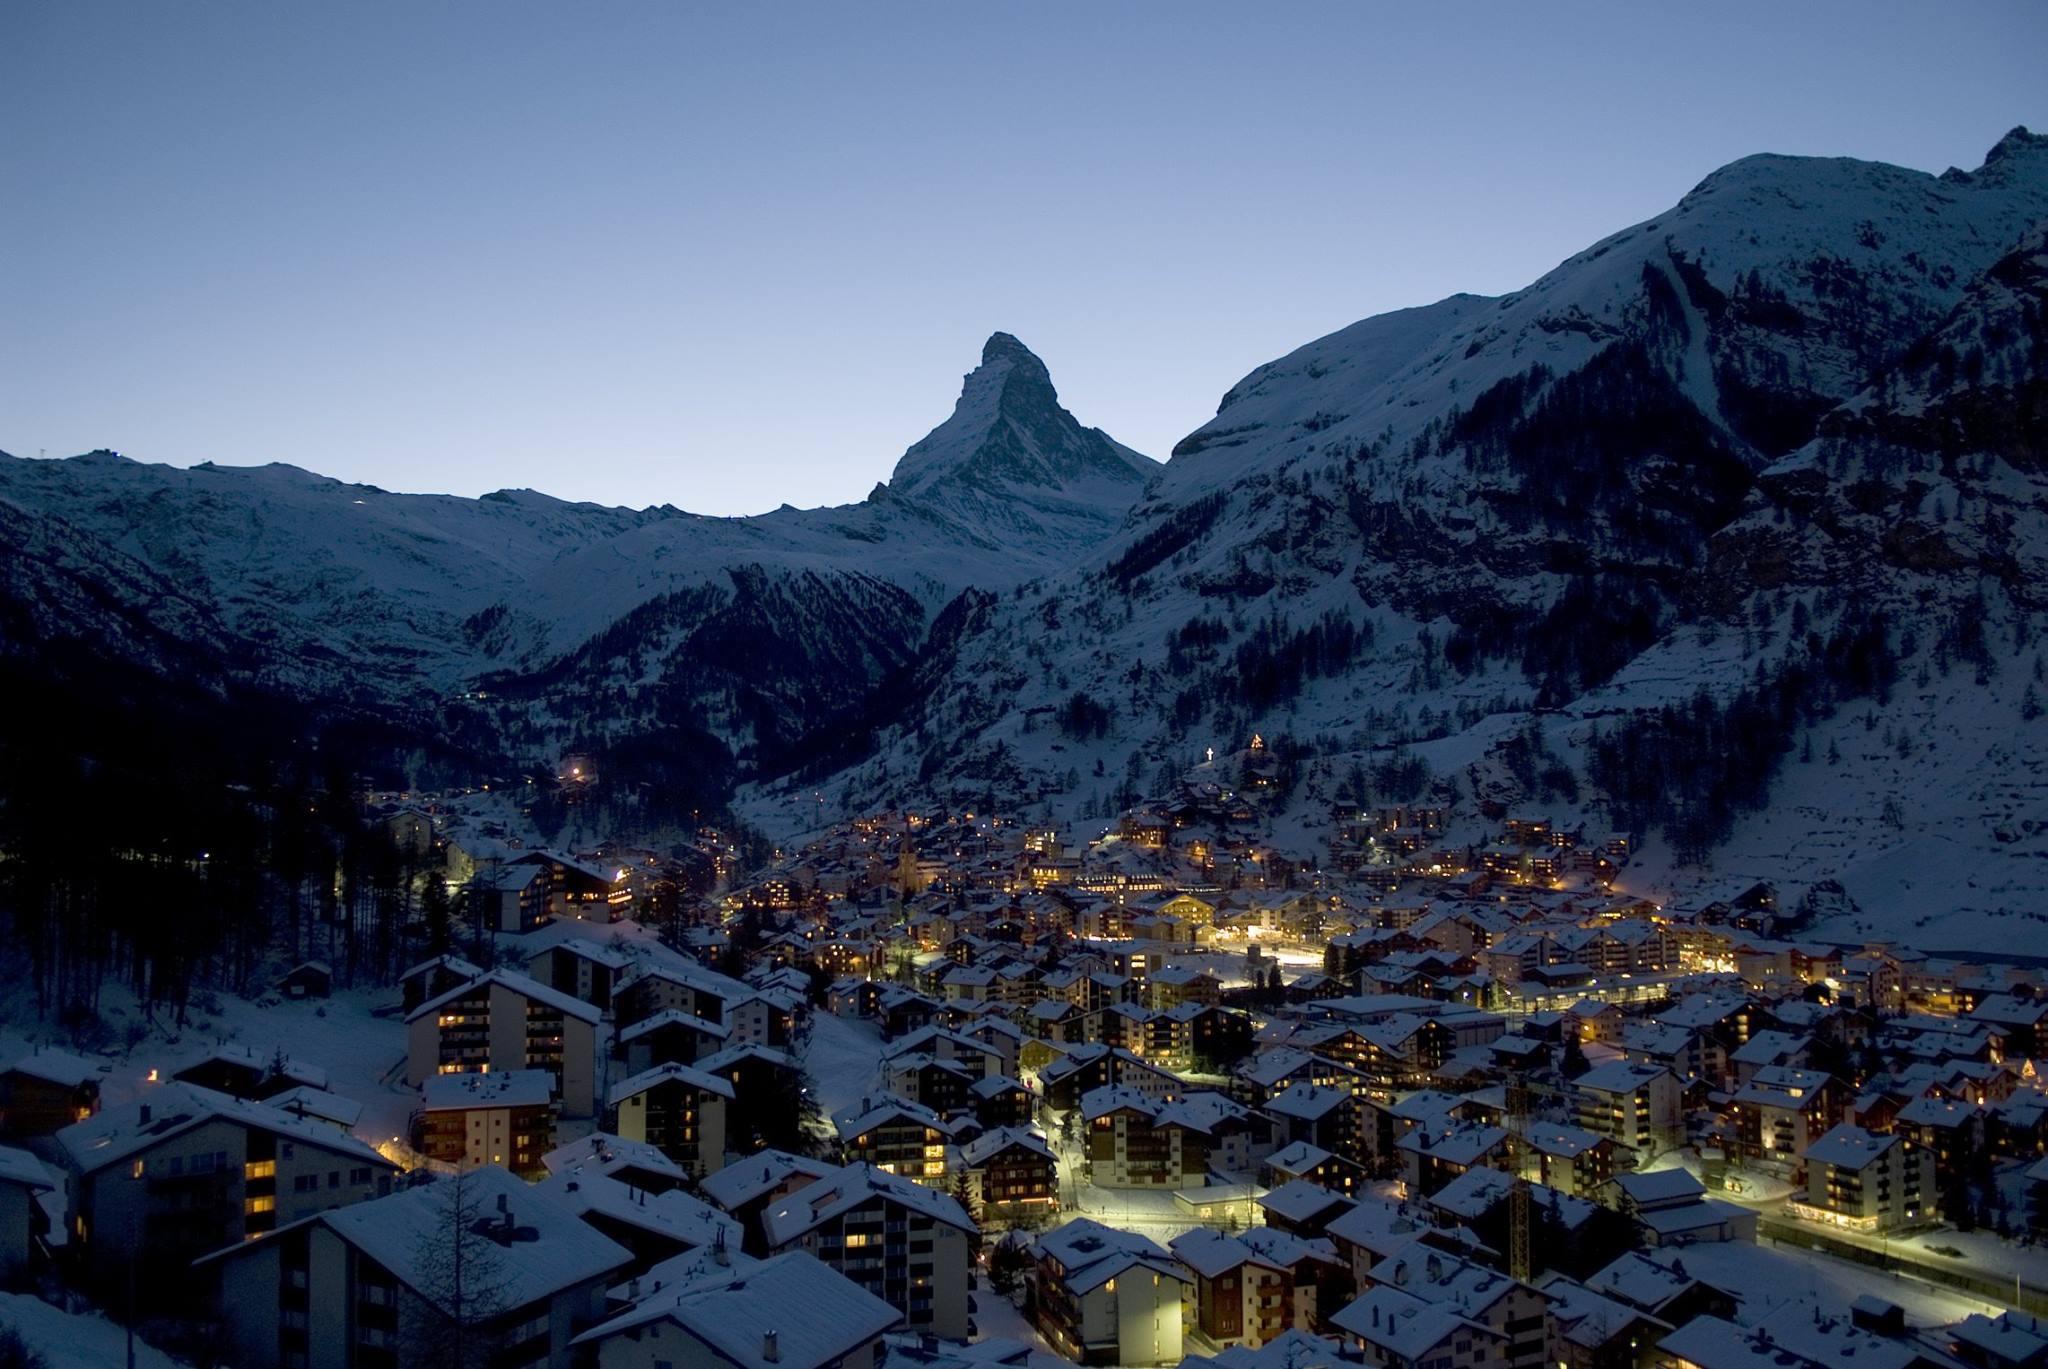 Zermatt 12/11/17